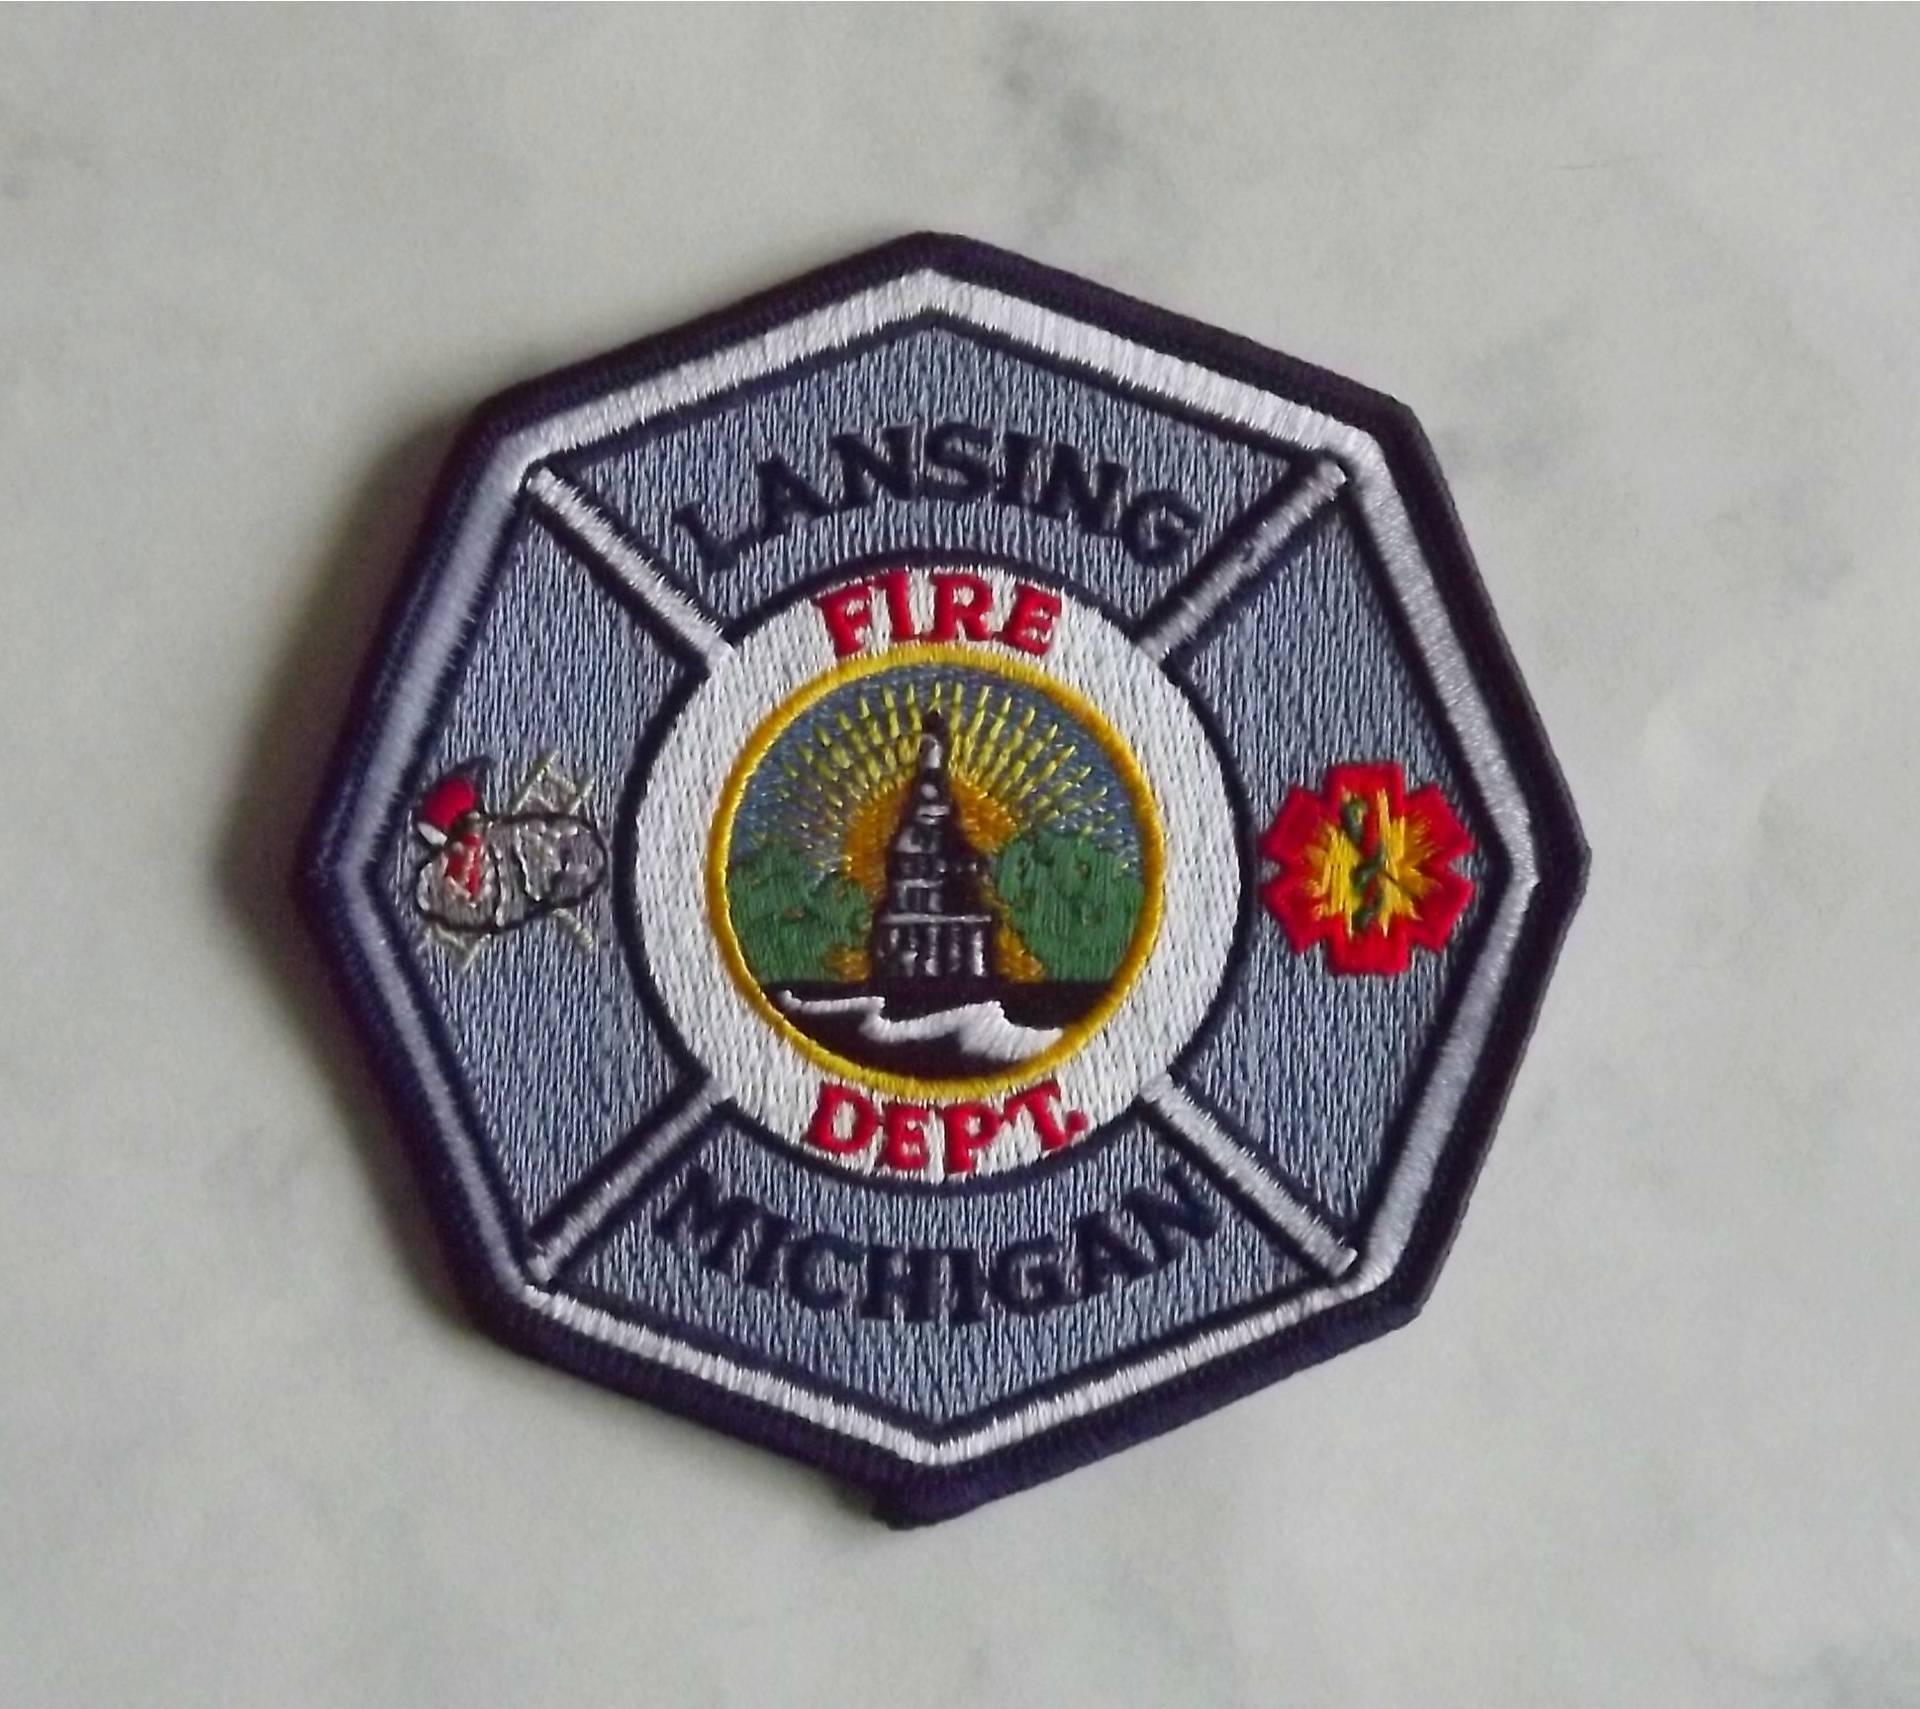 Lansing Michigan Fire Dept.